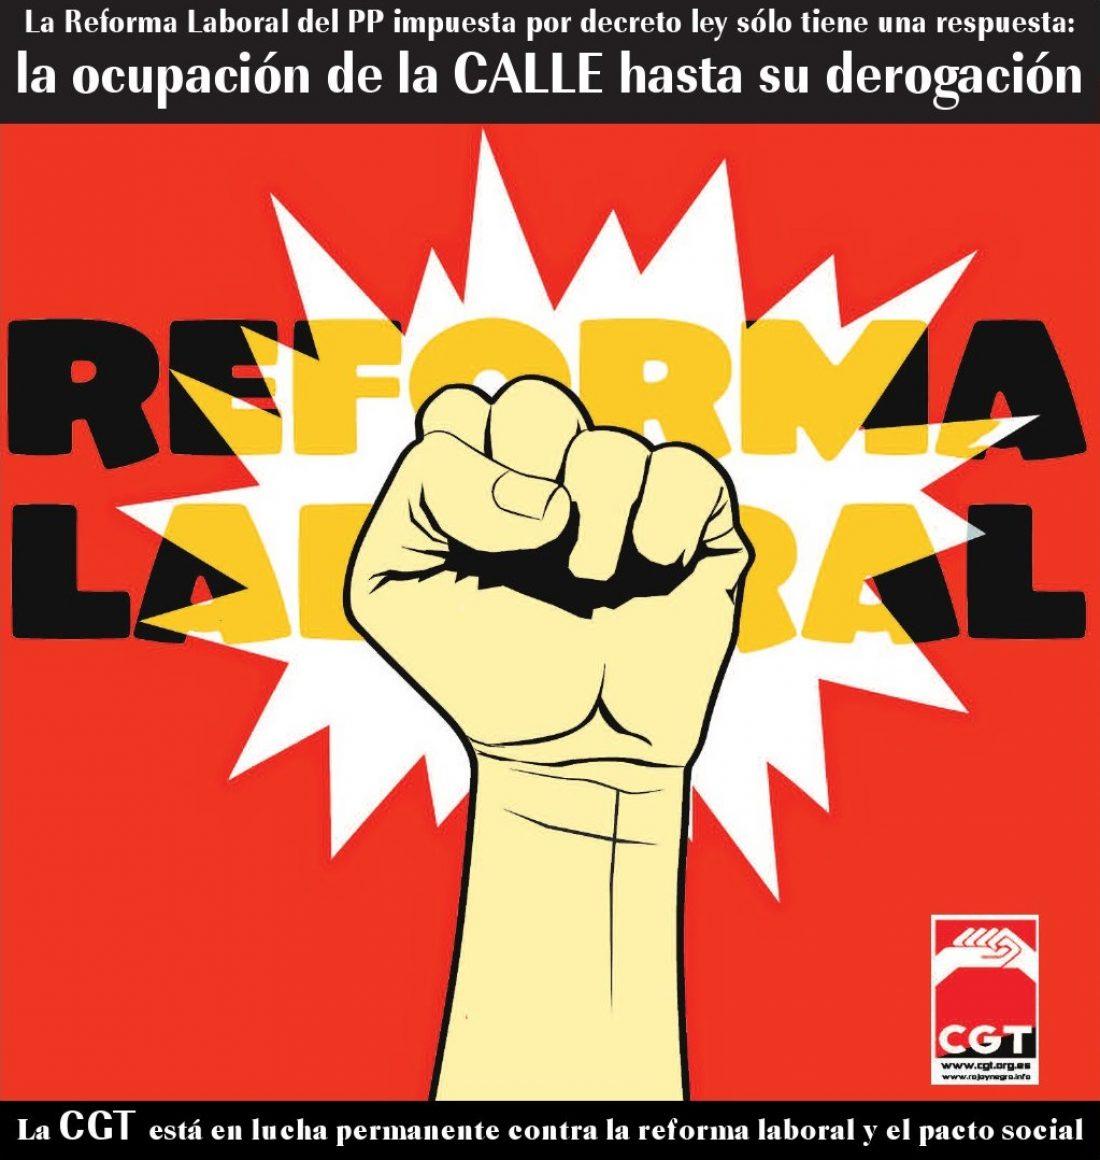 Manifestación 10 de febrero contra la Reforma Laboral